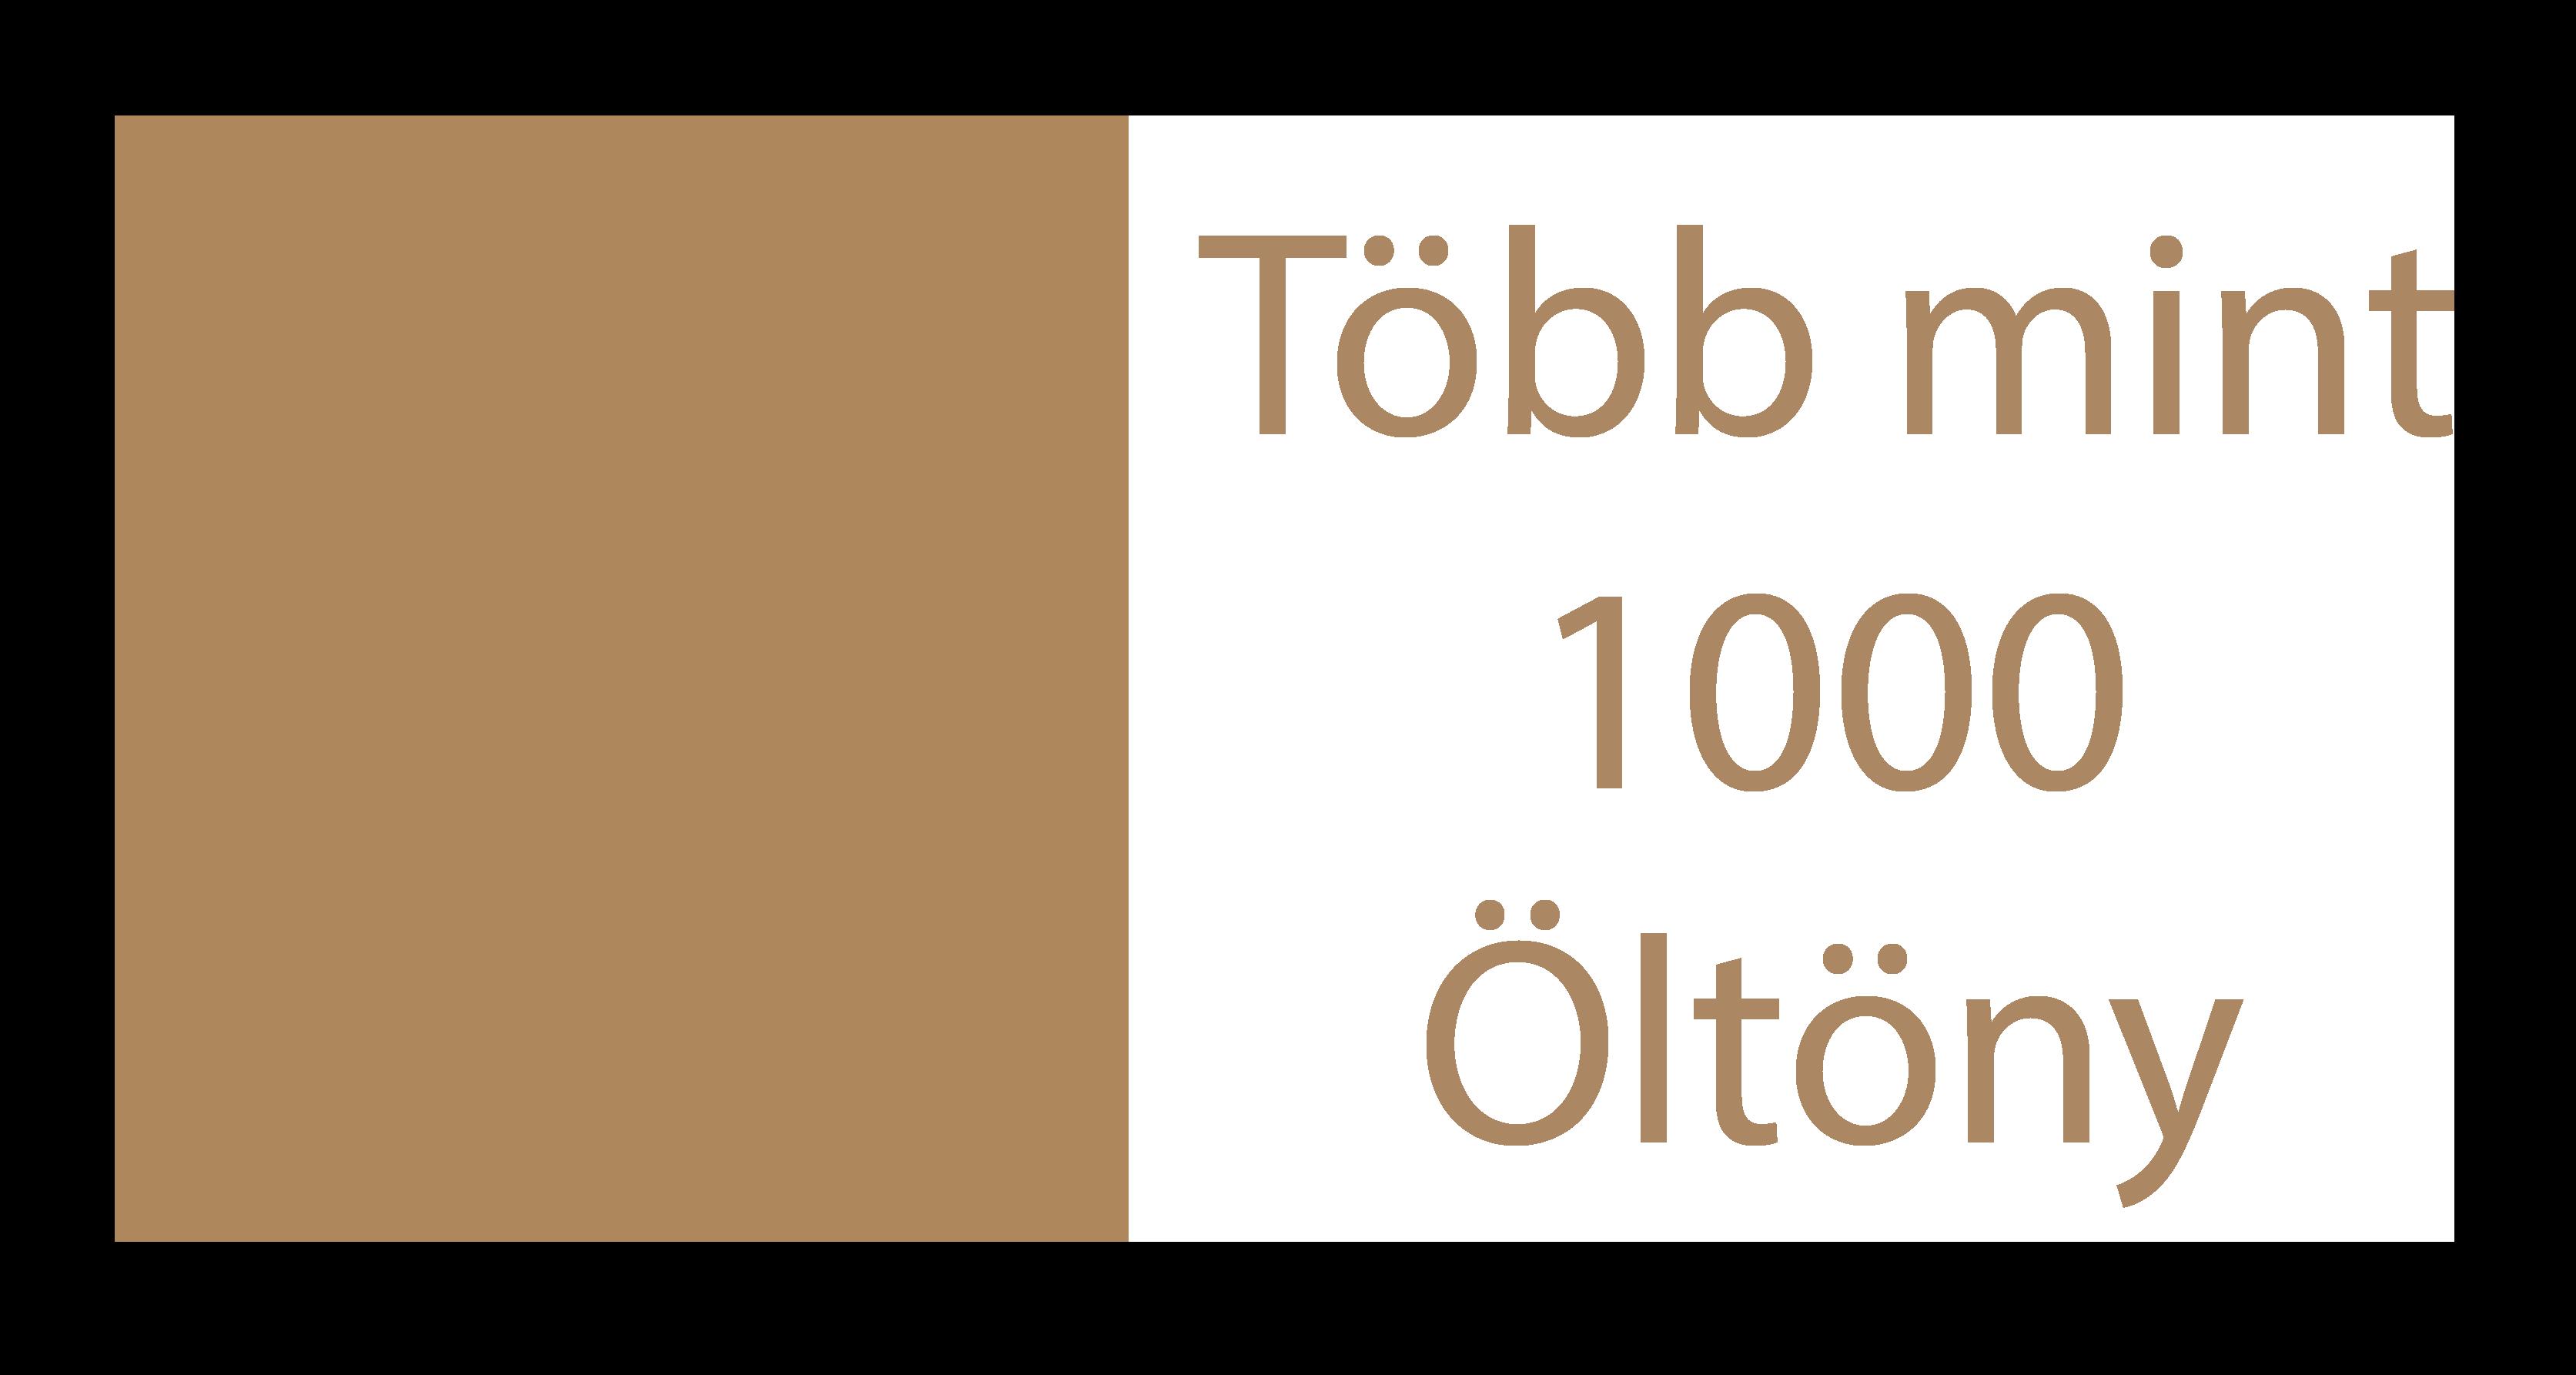 1db666b14c Donfetibo -